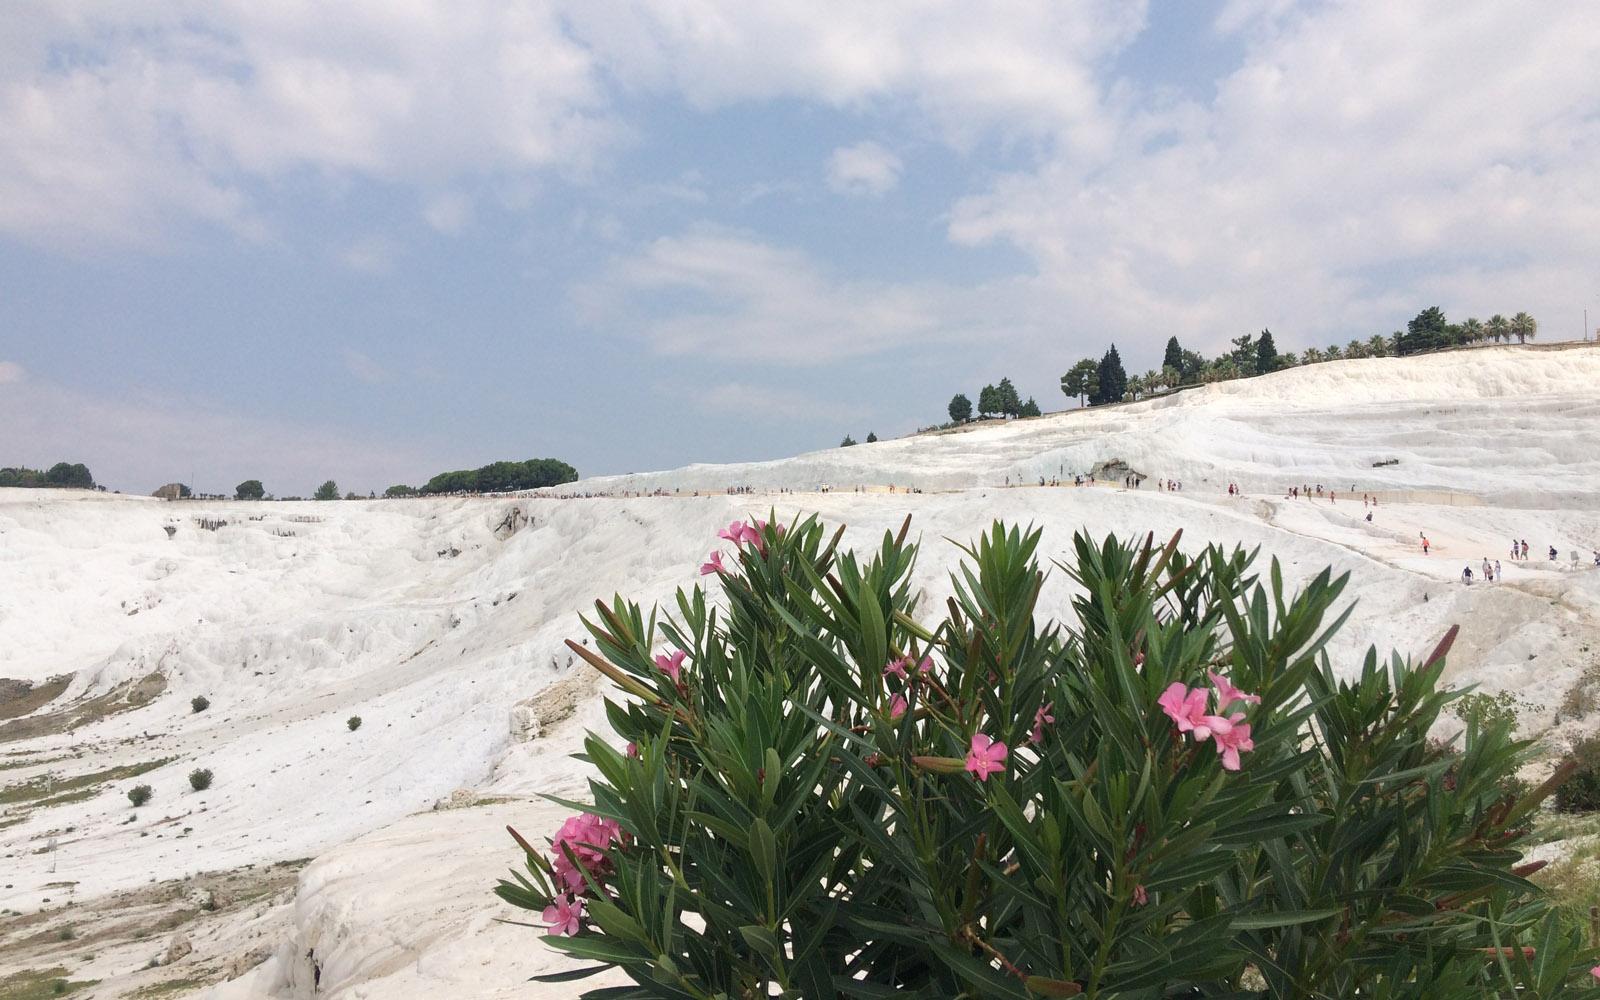 Oleandri rosa tra le rocce bianche di Pamukkale.